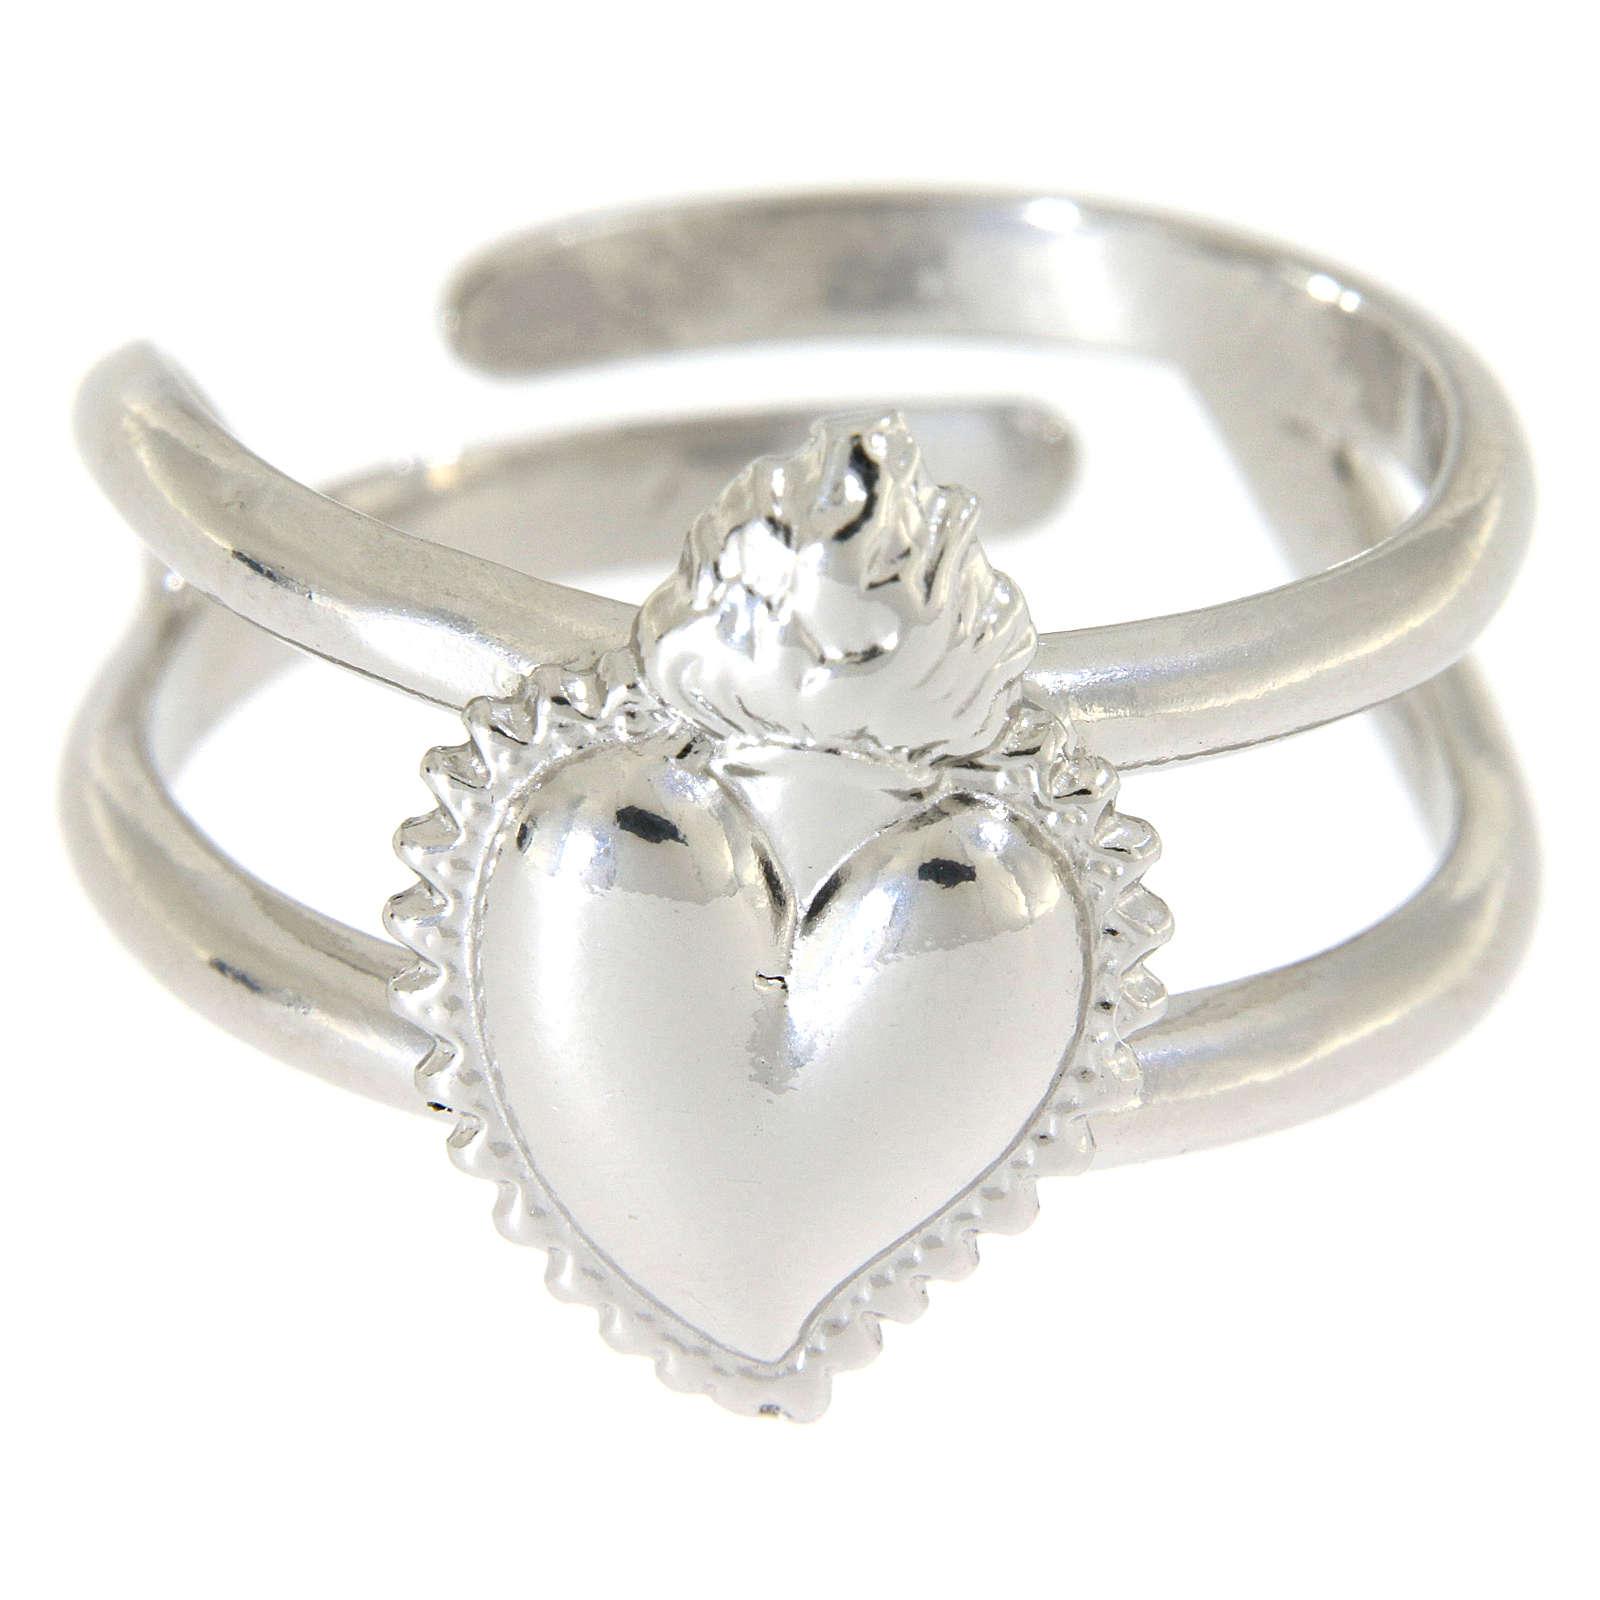 Pierścionek regulowany ze srebra 925 z sercem wotywnym pełnym 3